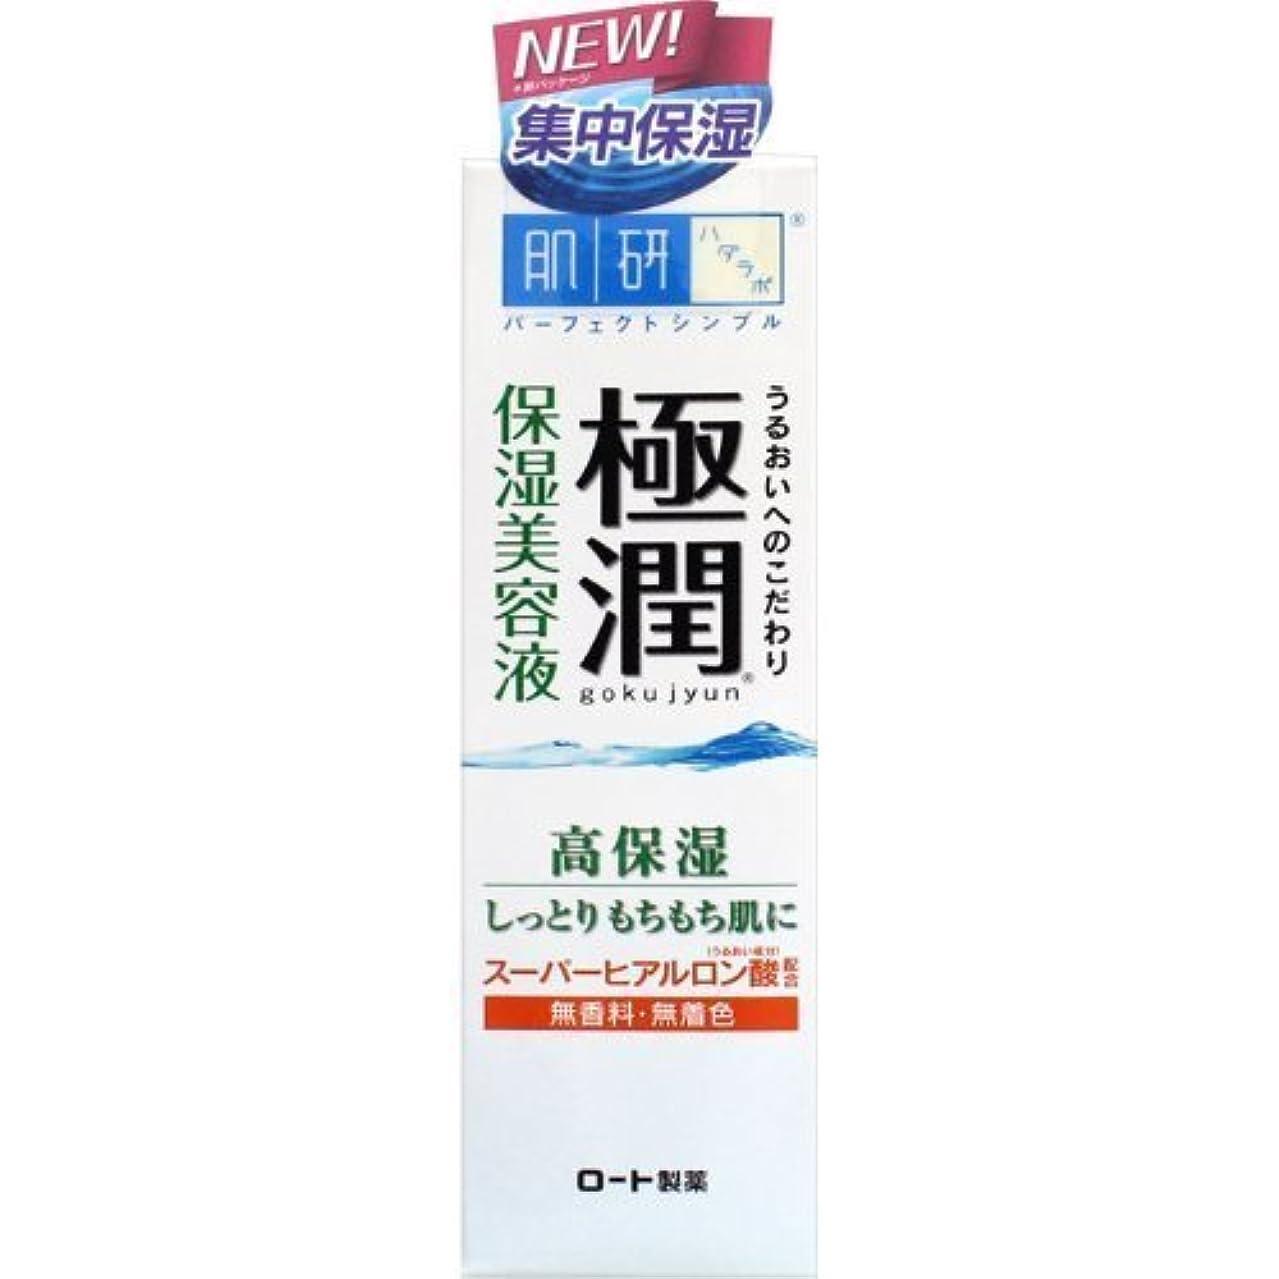 報奨金目立つこれまで肌研(ハダラボ) 極潤 ヒアルロン美容液 30g